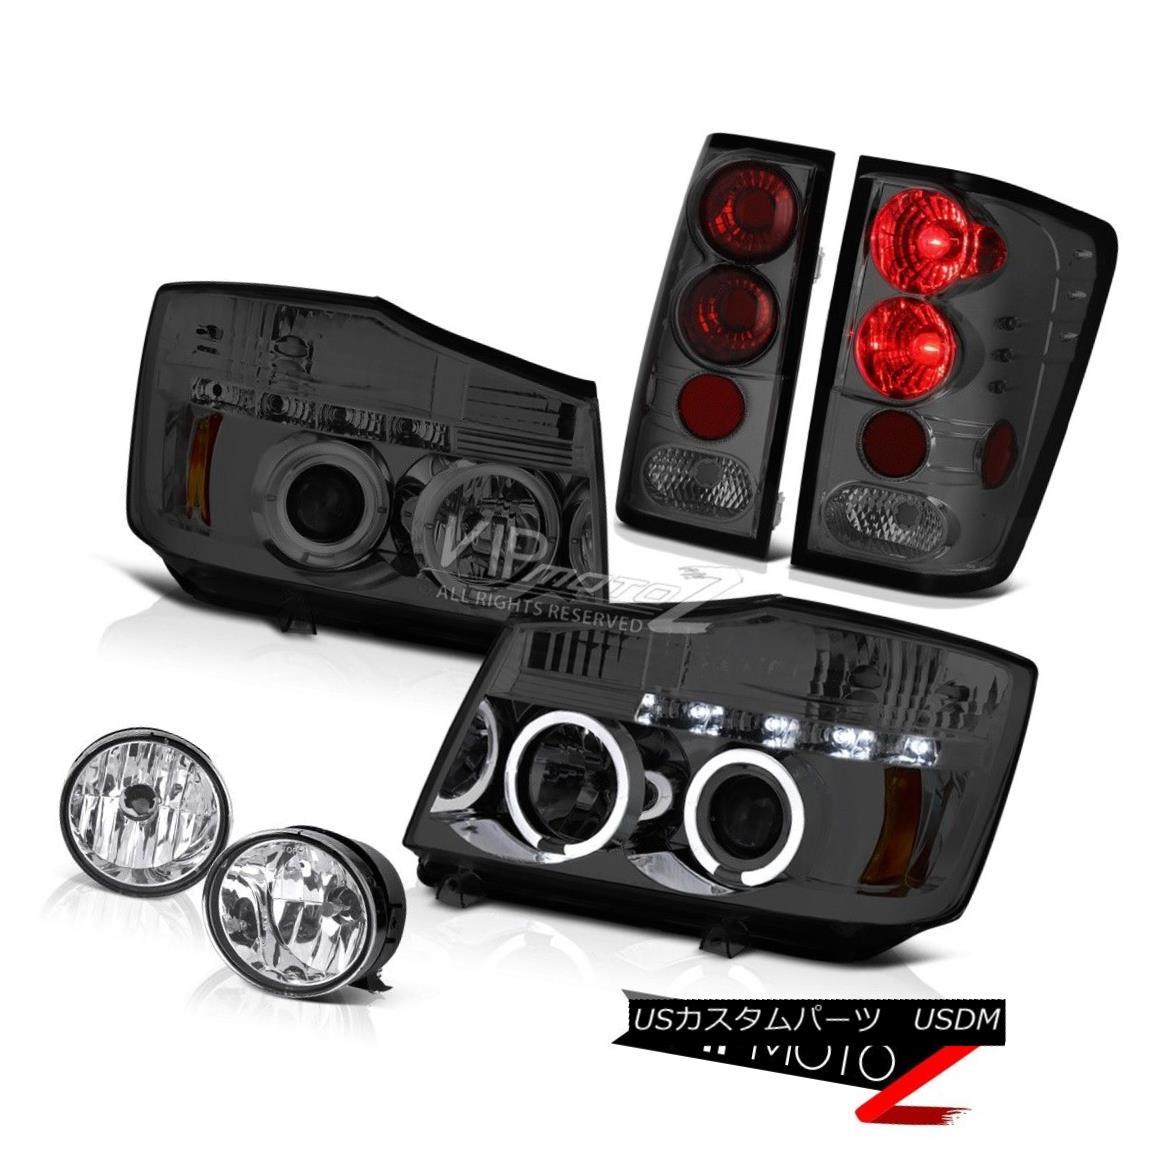 ヘッドライト For 04-15 Titan SE L.E.D Halo Headlight Smoke Red Tail Light Chrome Bumper Fog 04-15タイタンSE L.E.Dのためのヘビーヘッドライト煙レッドテールライトクロームバンパーフォグ